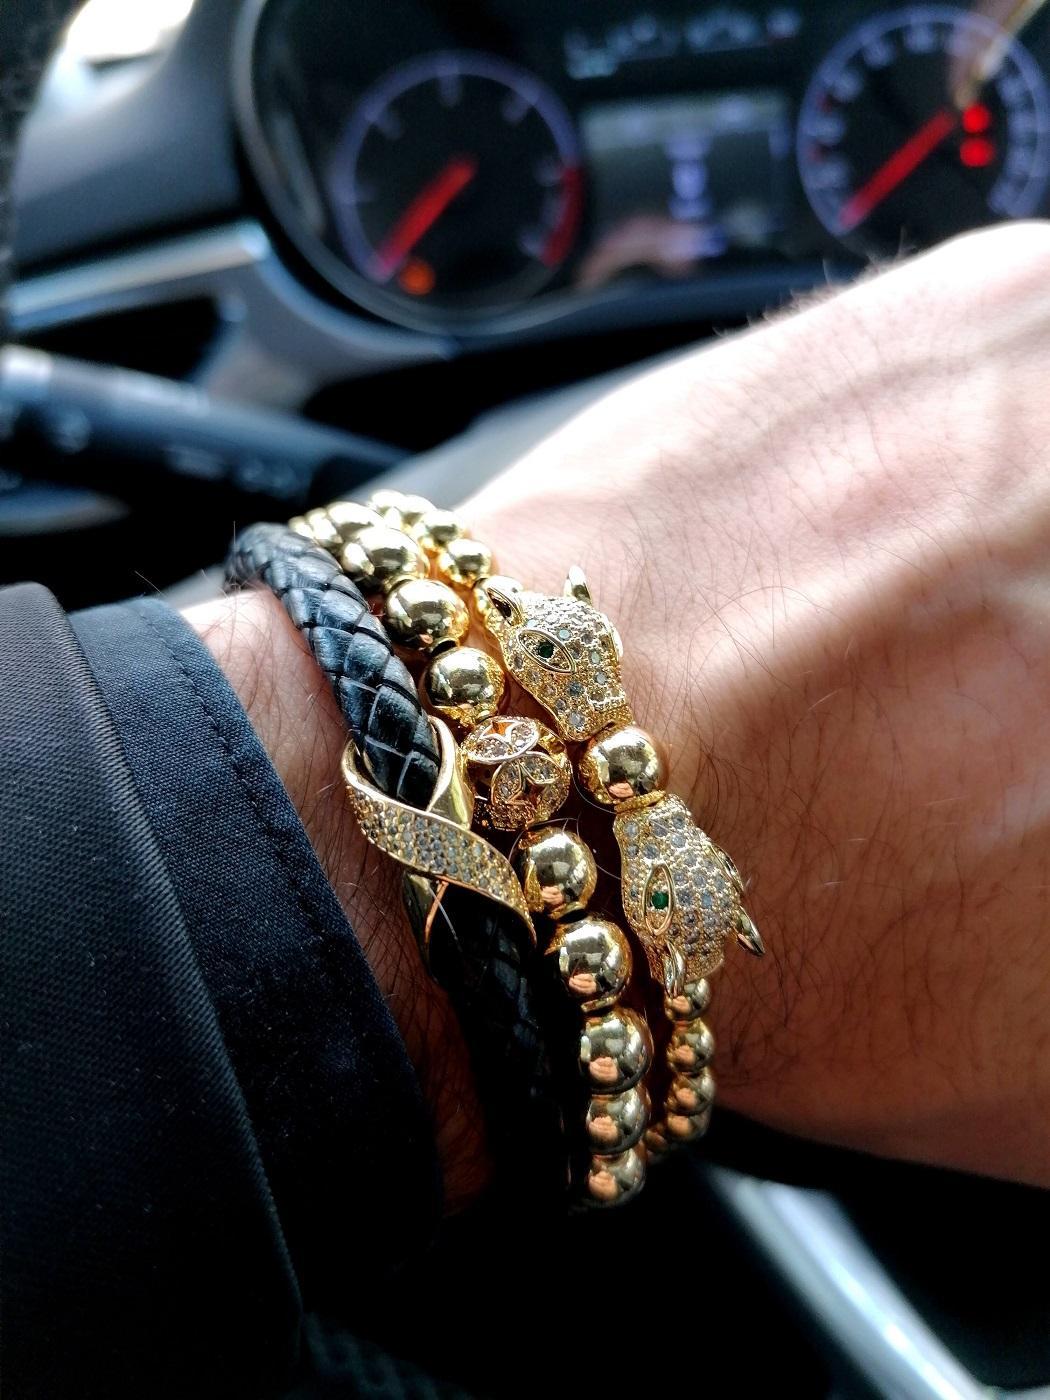 18K Gold Bracelet For Sale, Gold Leather Bracelet Mens, Mens Gold Band Bracelet, White Gold Tennis Bracelet Mens, Real Gold Tennis Bracelet, Real Gold Diamond Bracelet, 14K White Gold Diamond Tennis Bracelet, Mens Gold Rope Chain Bracelet, Women's Gold Bracelet With Diamonds, 18Kt Gold Bracelet Mens, Mens Rose Gold Bangle, 18K White Gold Mens Bracelet, Mens Gold Bangle Bracelet with Panther Charm